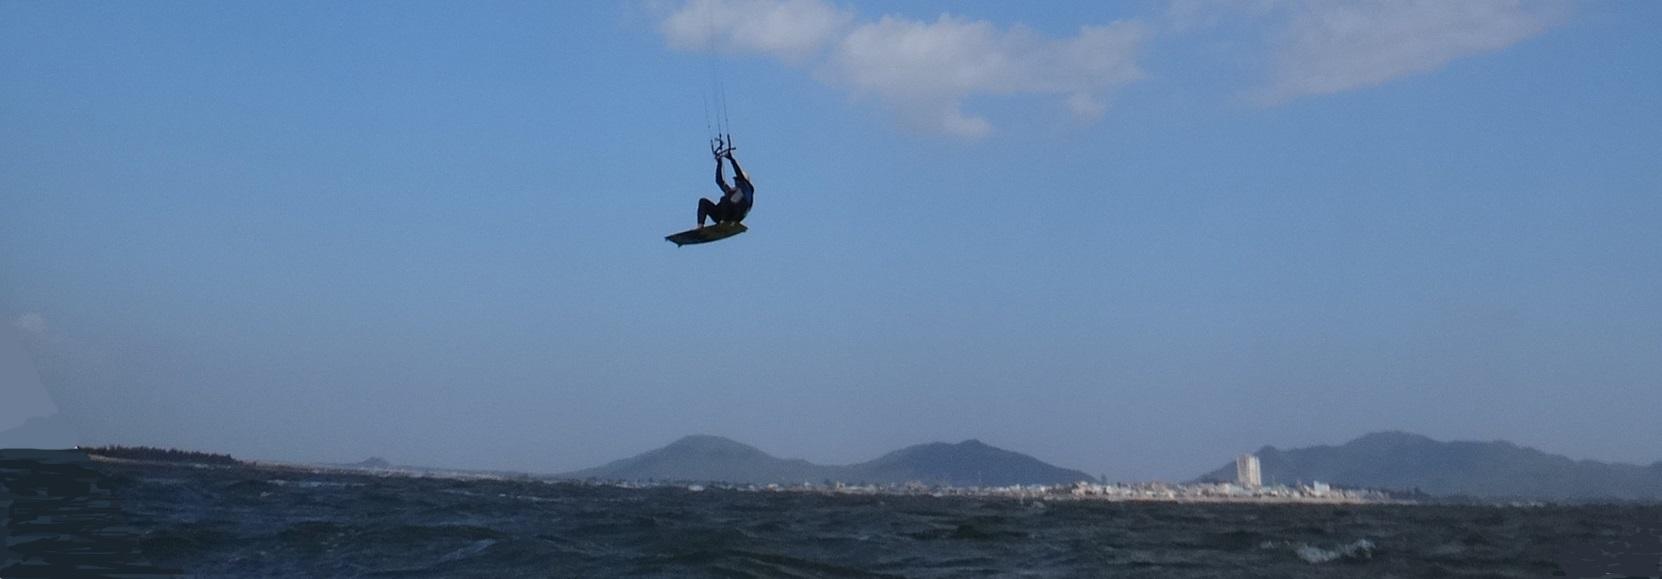 8 Long-Hai kitesurfing Vung tau